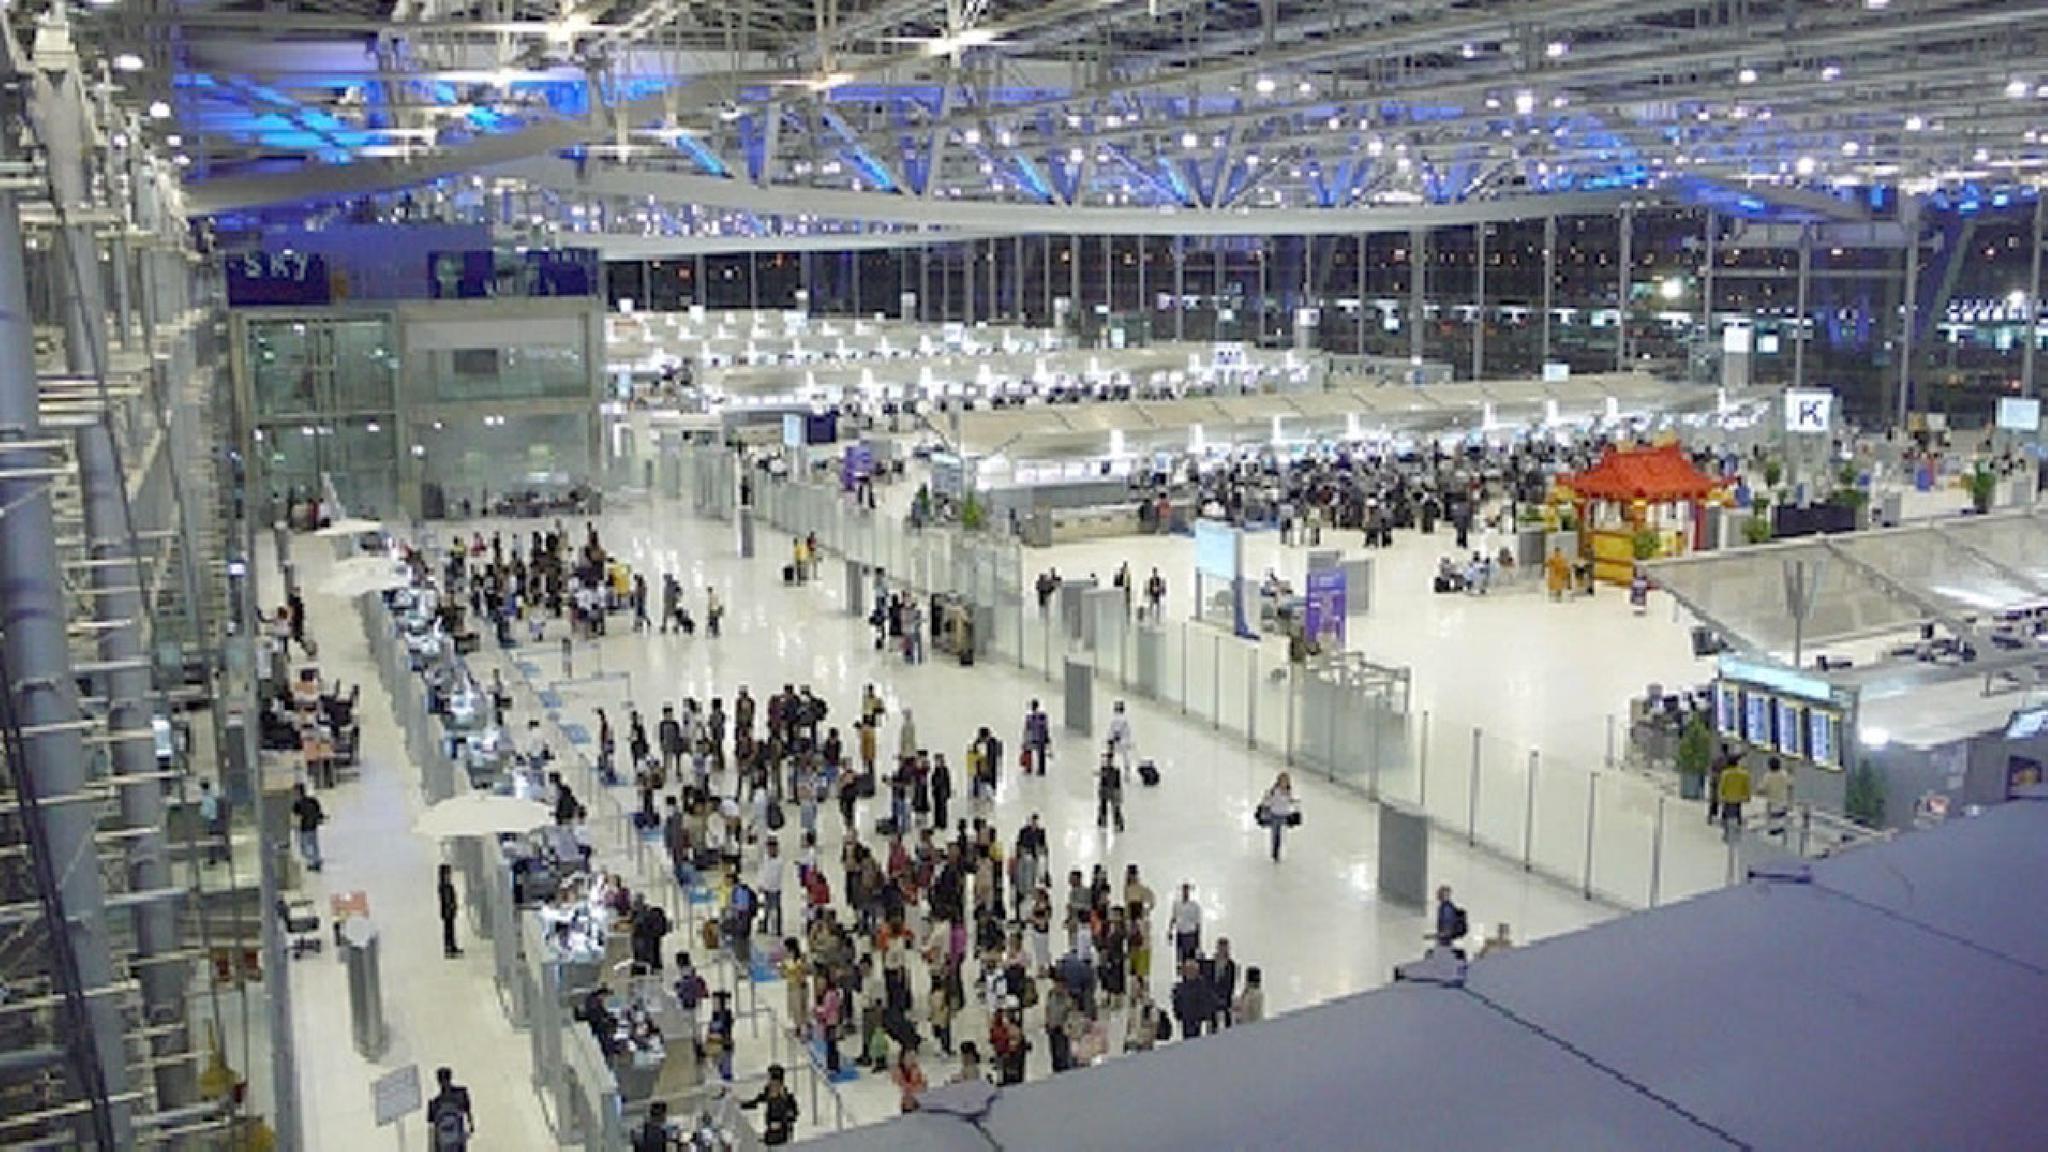 泰国素万那普国际机场出现105例新冠肺炎确诊病例